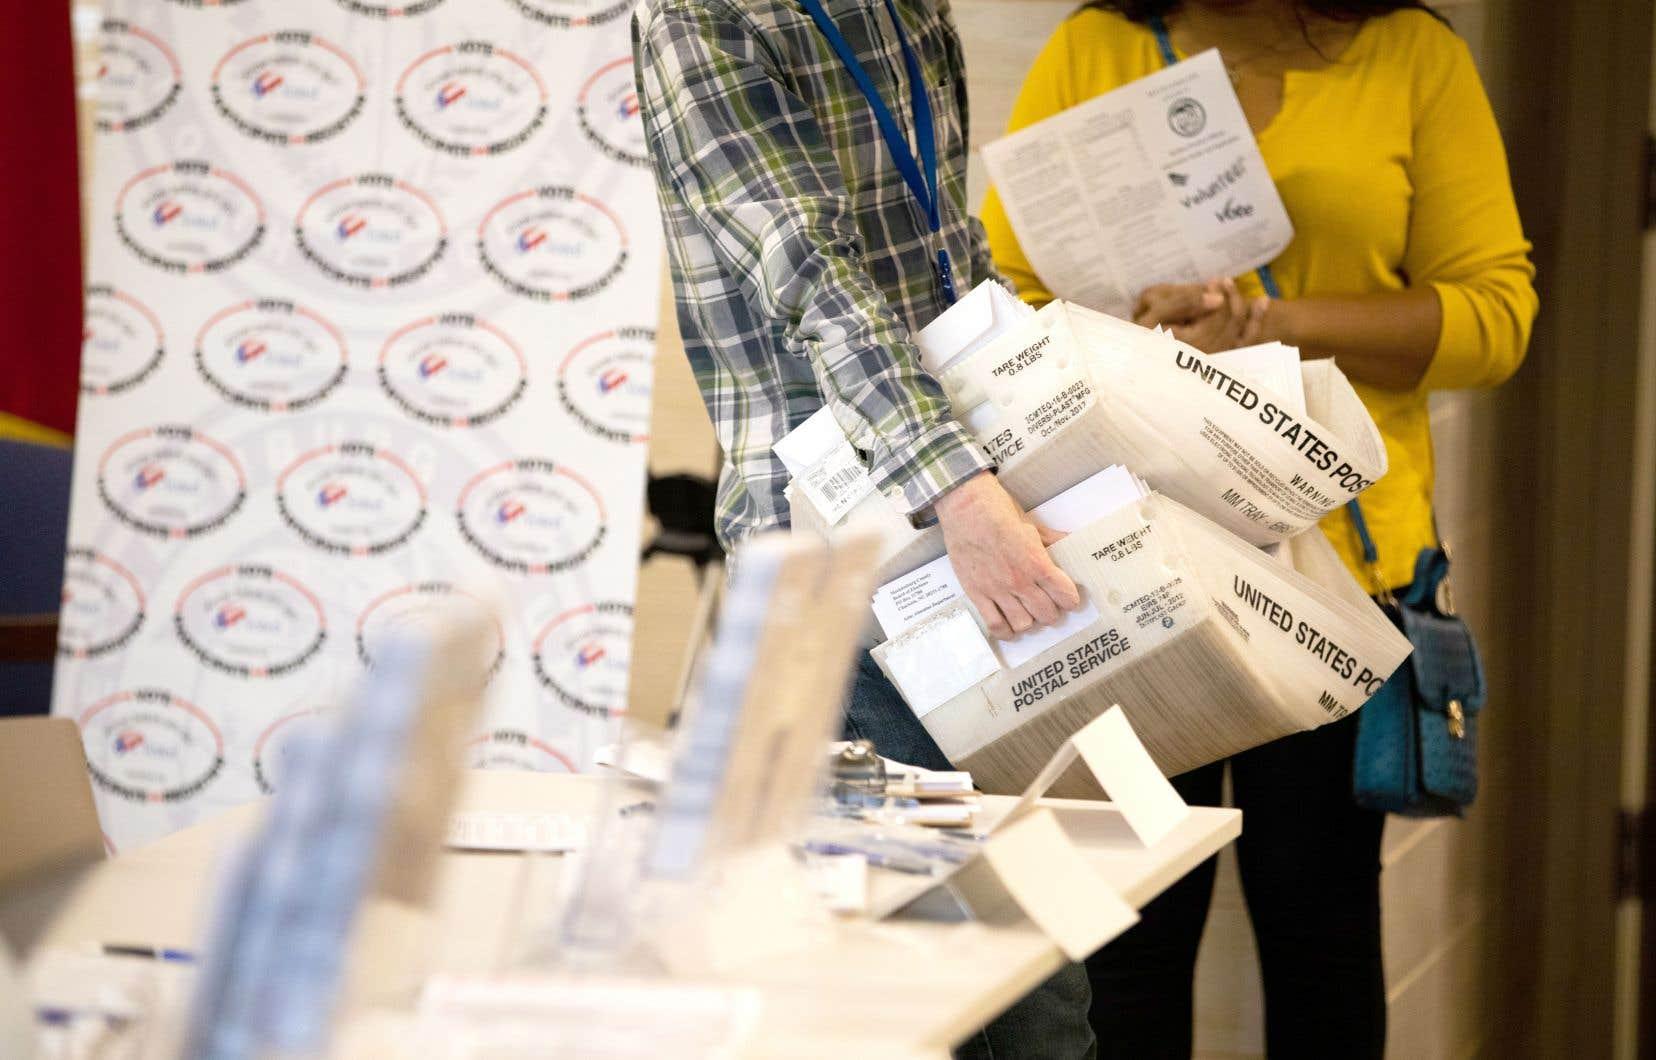 La Caroline du Nord a entamé l'envoi de plus de 600 000 bulletins de vote, répondant à une hausse spectaculaire des demandes.